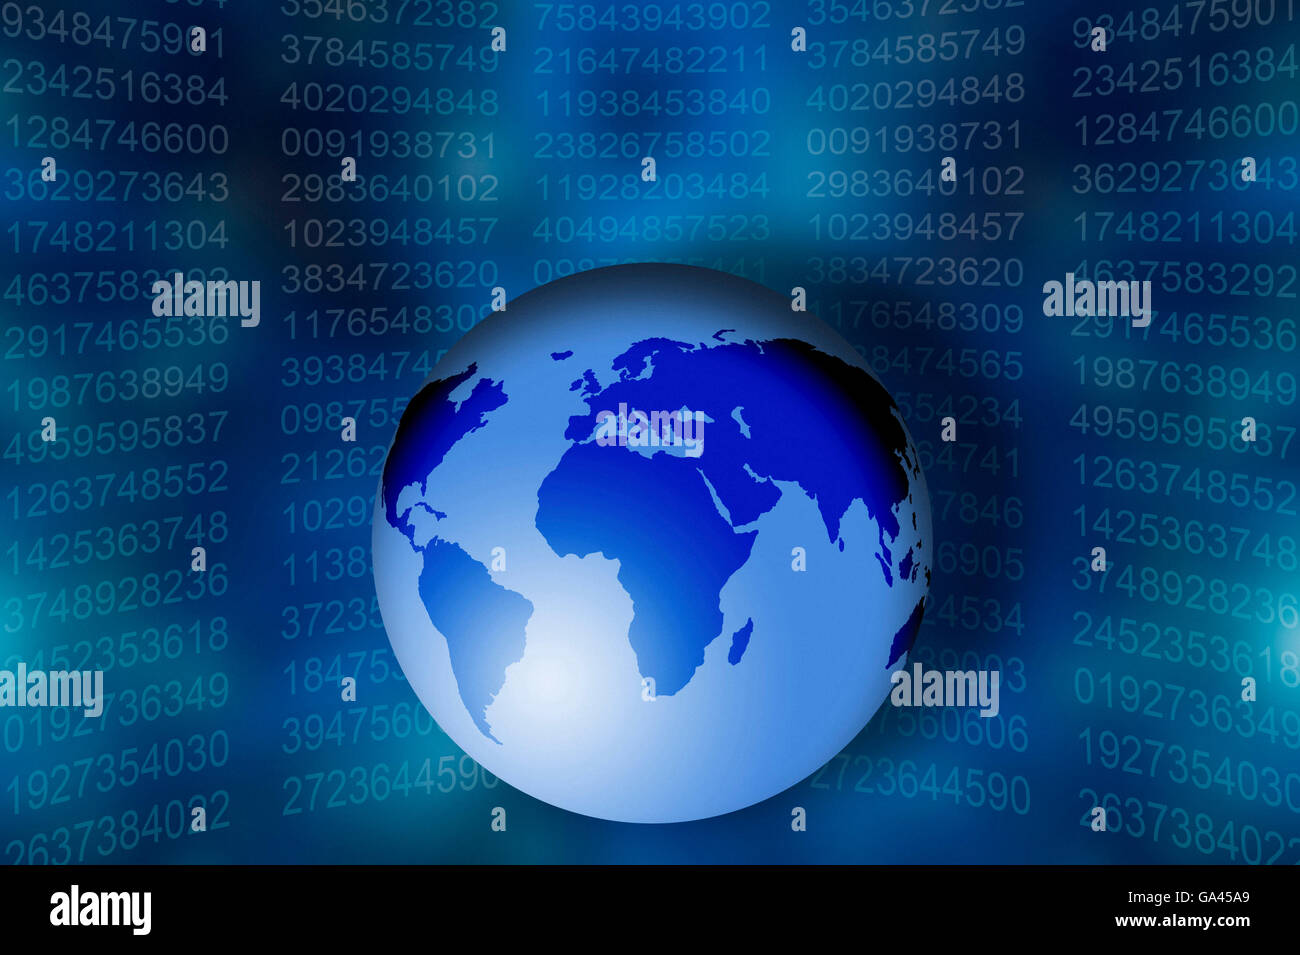 Globo terráqueo con los números de código en segundo plano, el concepto de internet y software Imagen De Stock